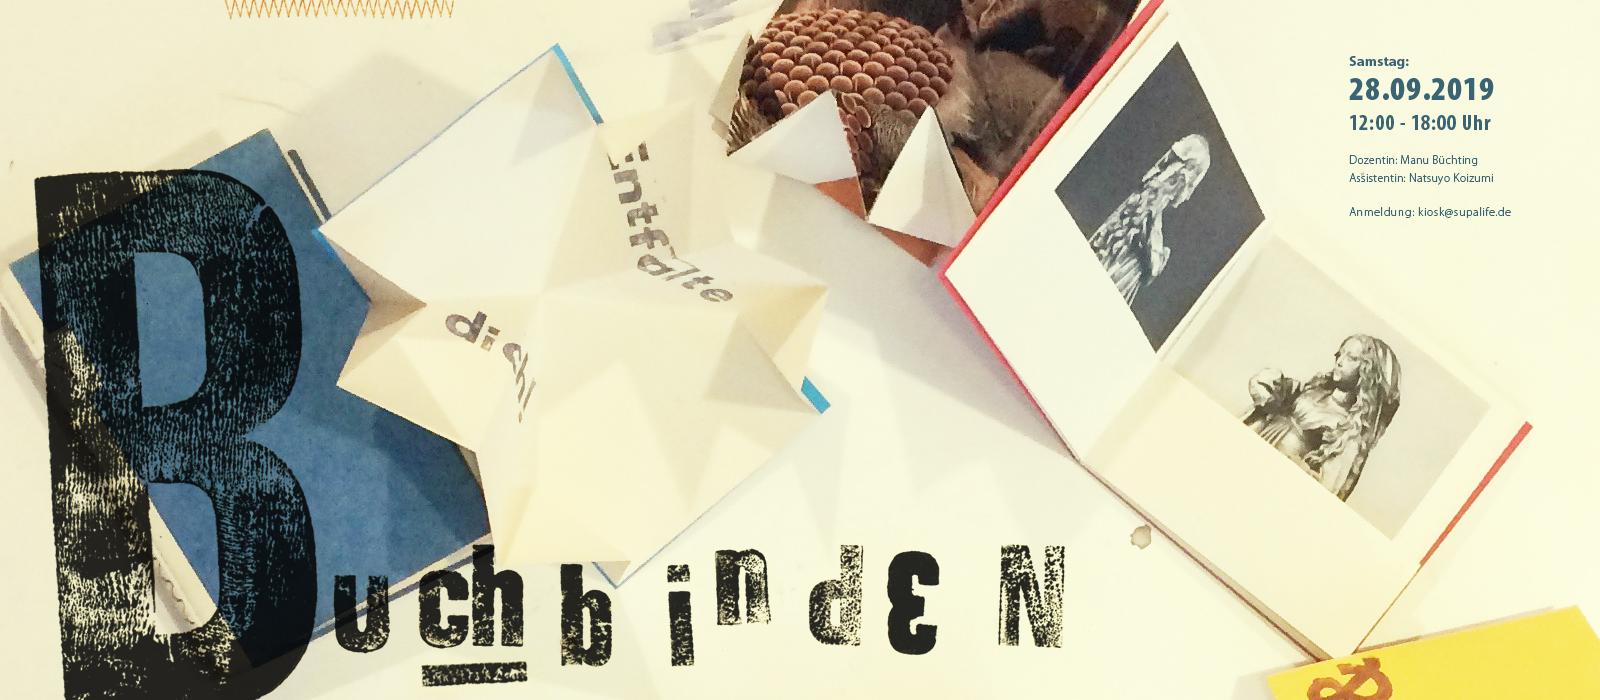 buchbinden-banner-01Irylx1PQ4nL8u